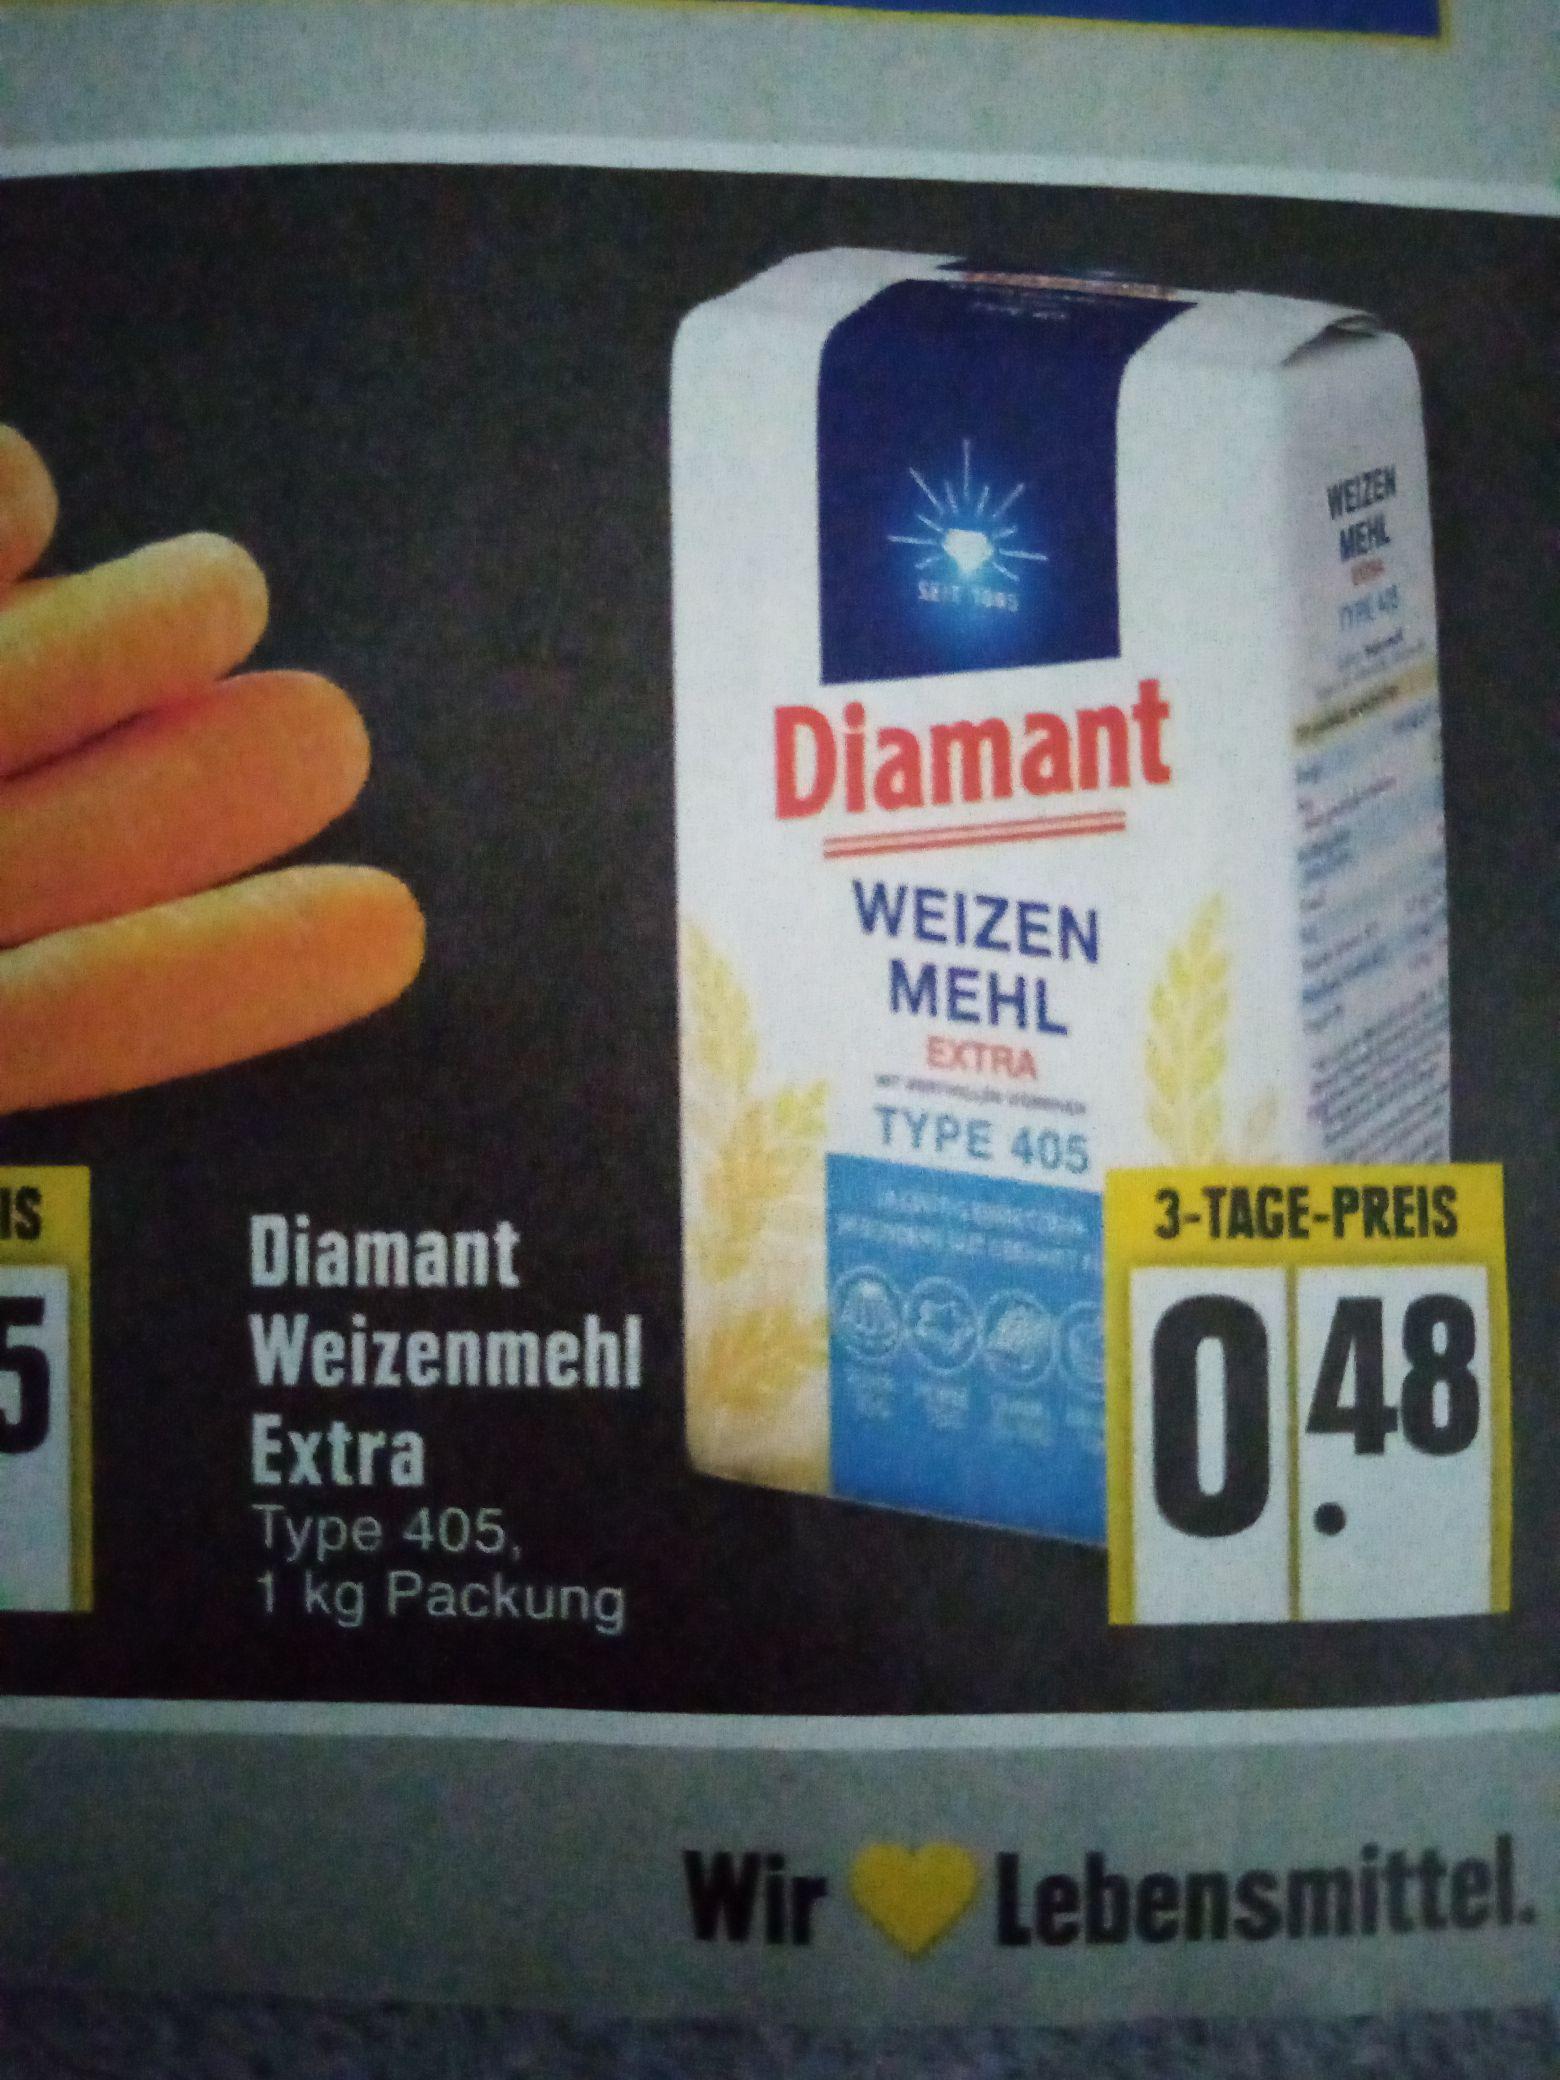 ( Edeka Neuss) Diamant Weizenmehl für nur 0,48€